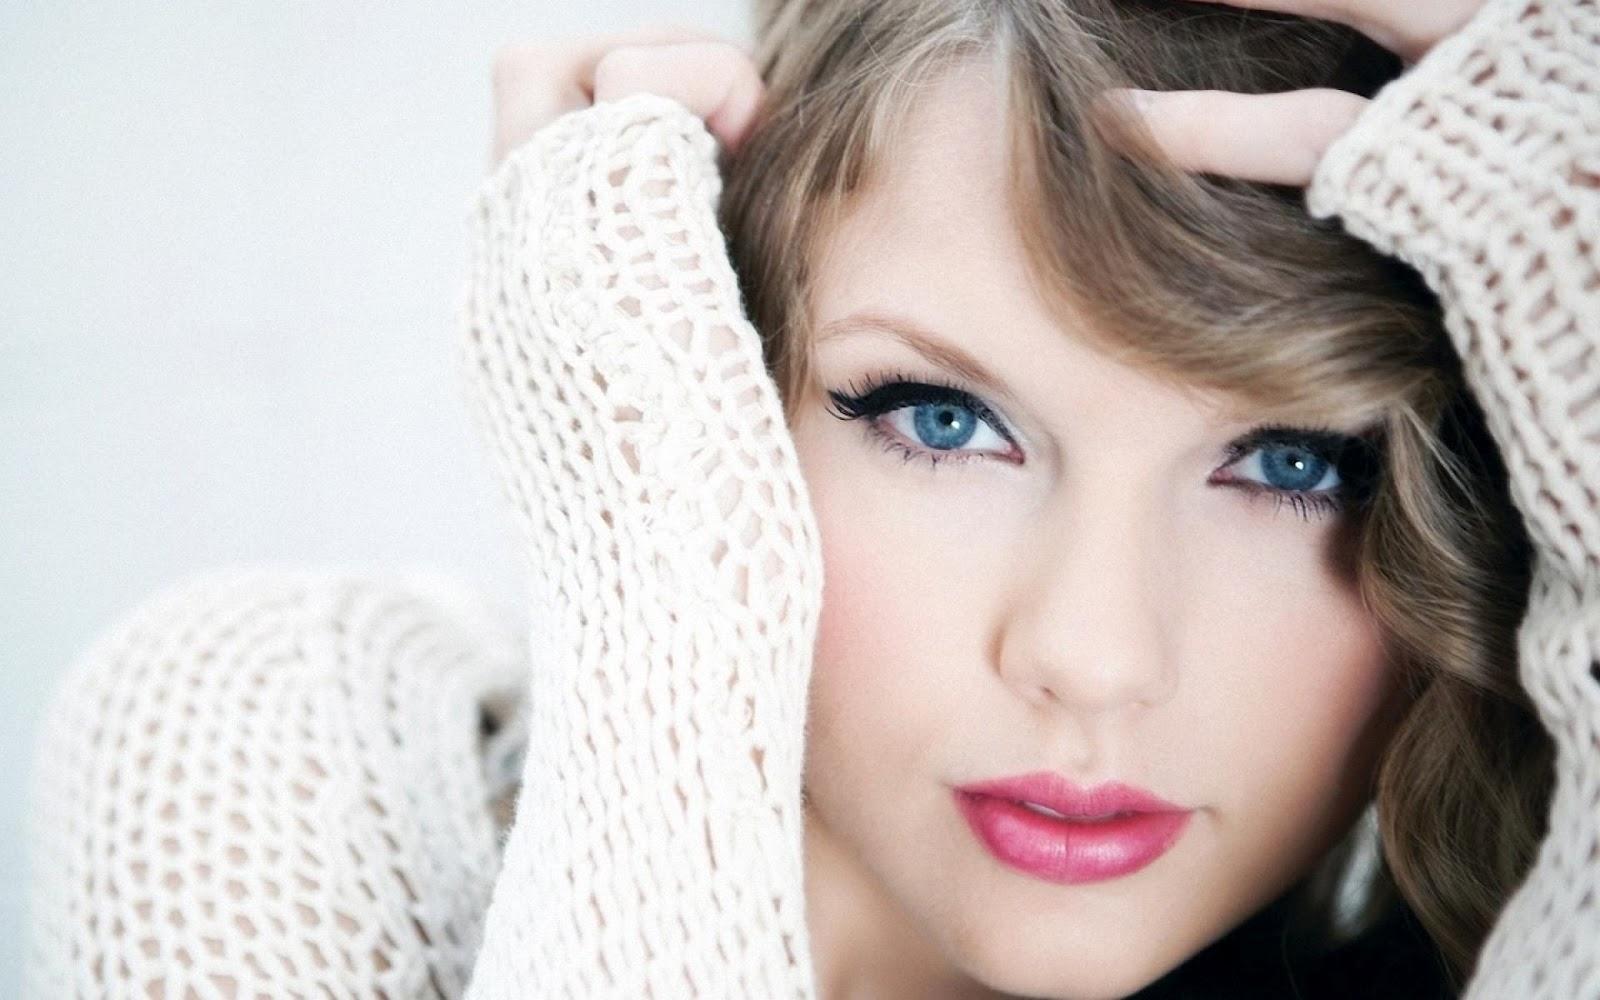 http://1.bp.blogspot.com/-90wBJezlKmQ/TzDlZhVevjI/AAAAAAAAGLQ/dXNcA7rkYpc/s1600/Taylor+Swift+Wallpaper-9.jpg